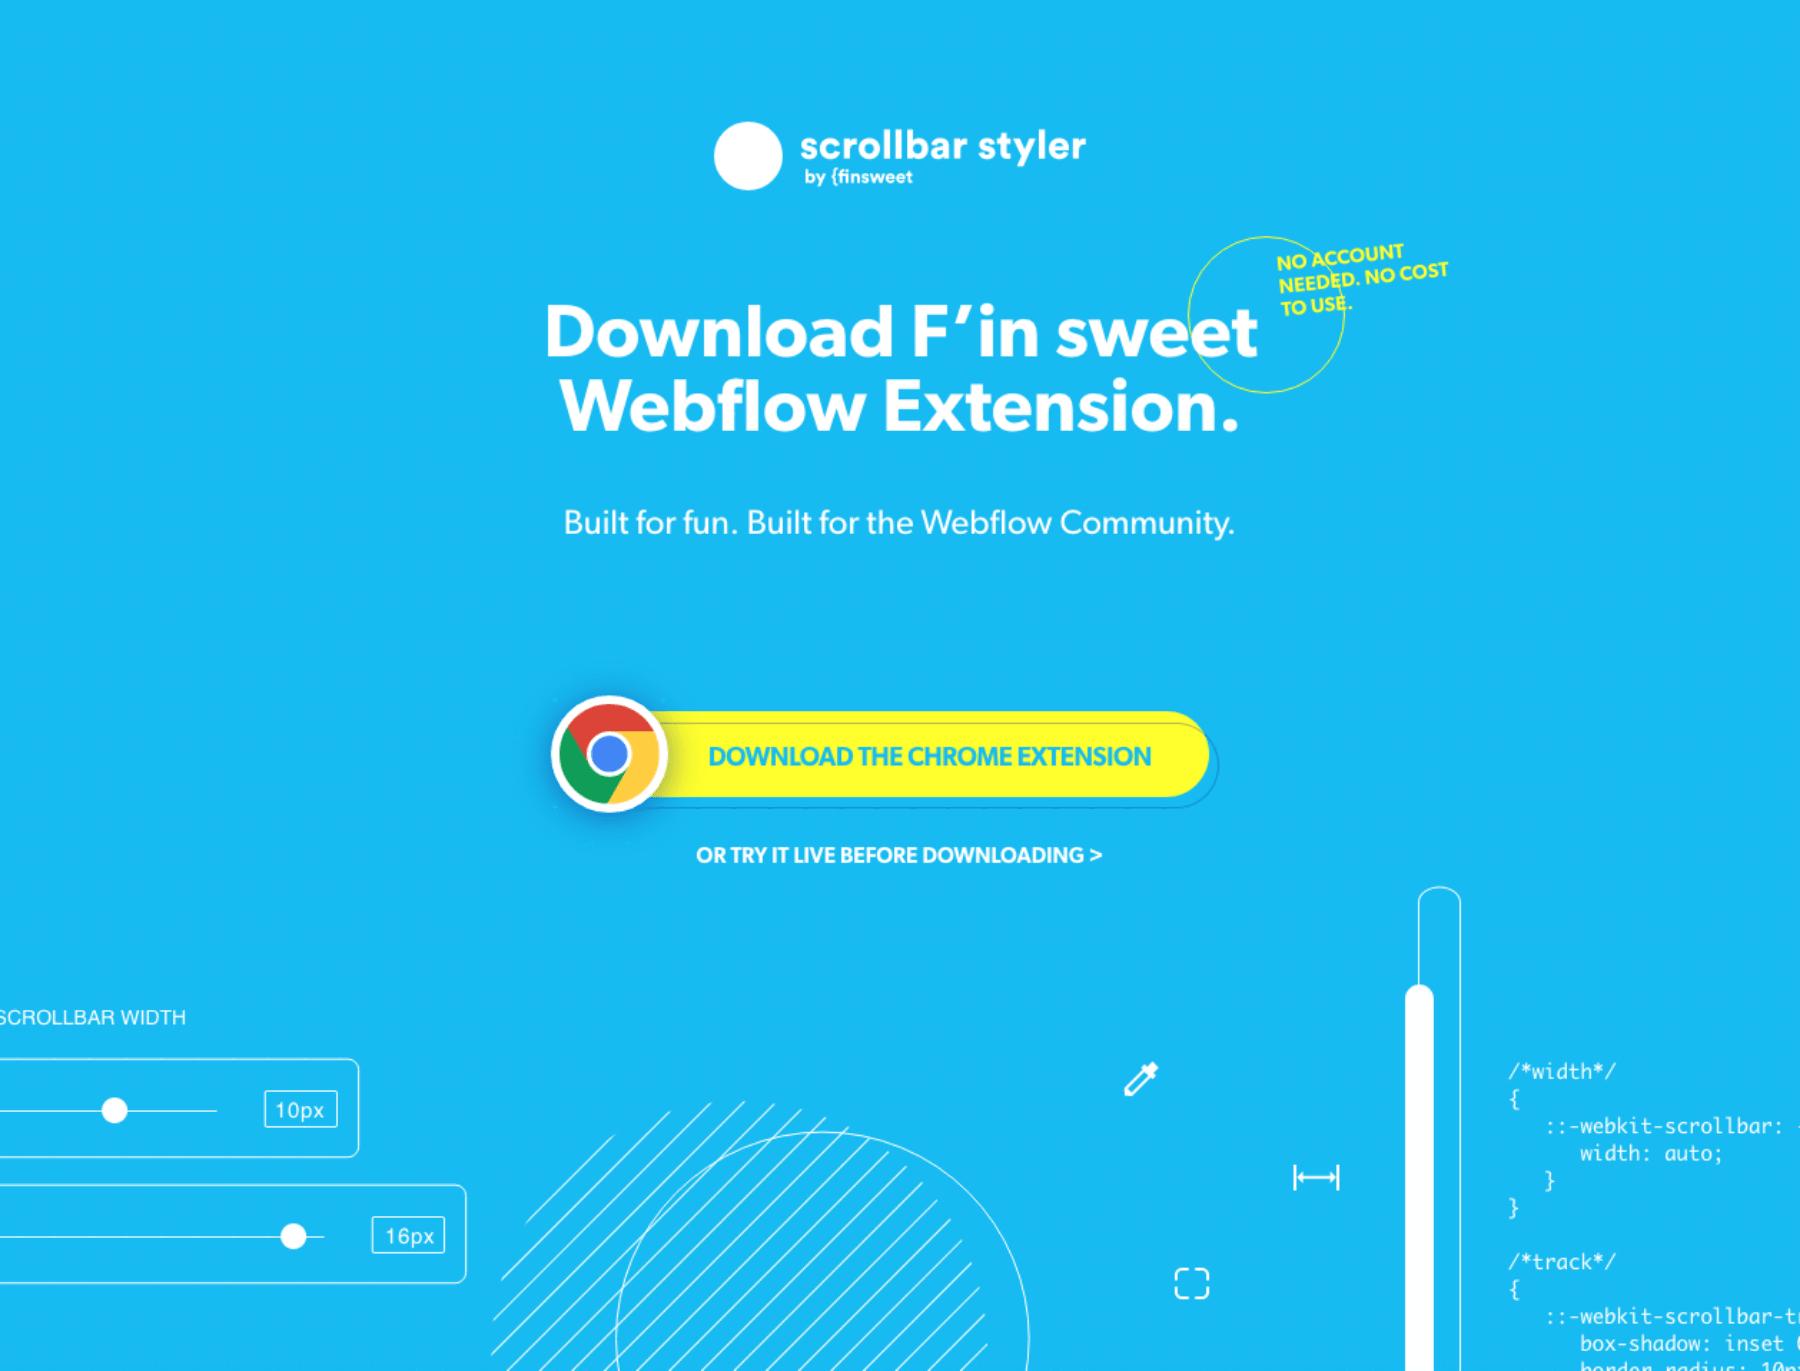 Diseño web de llamada a la acción de la extensión Scrollbar Styler para Finsweet.com por El Patio Webflow Studio.